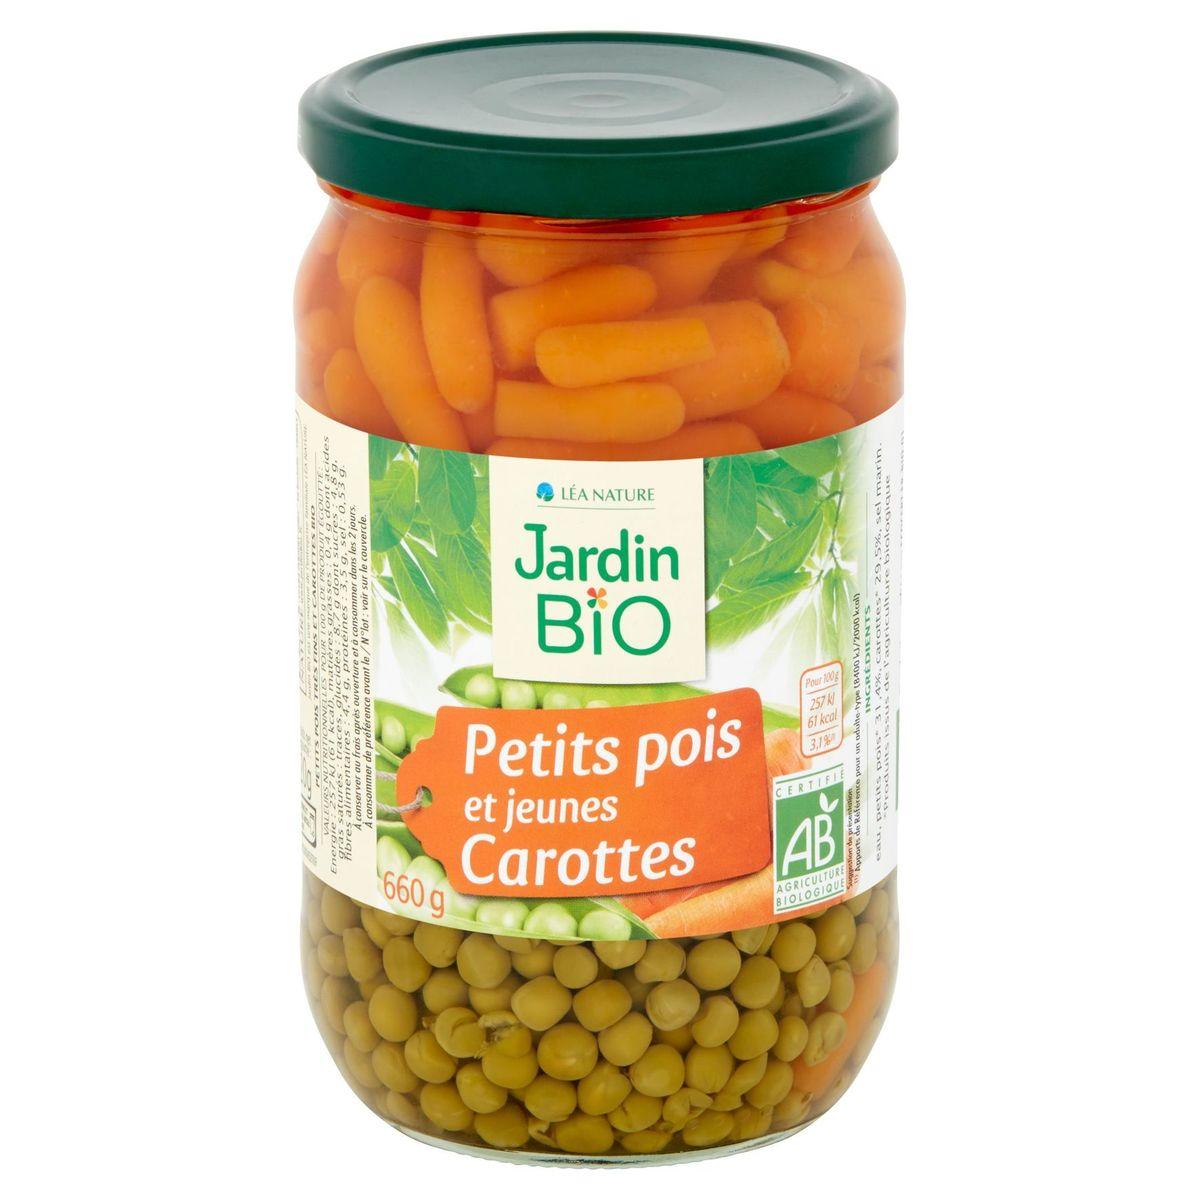 Jardin BiO ētic Petits Pois et Jeunes Carottes 660 g